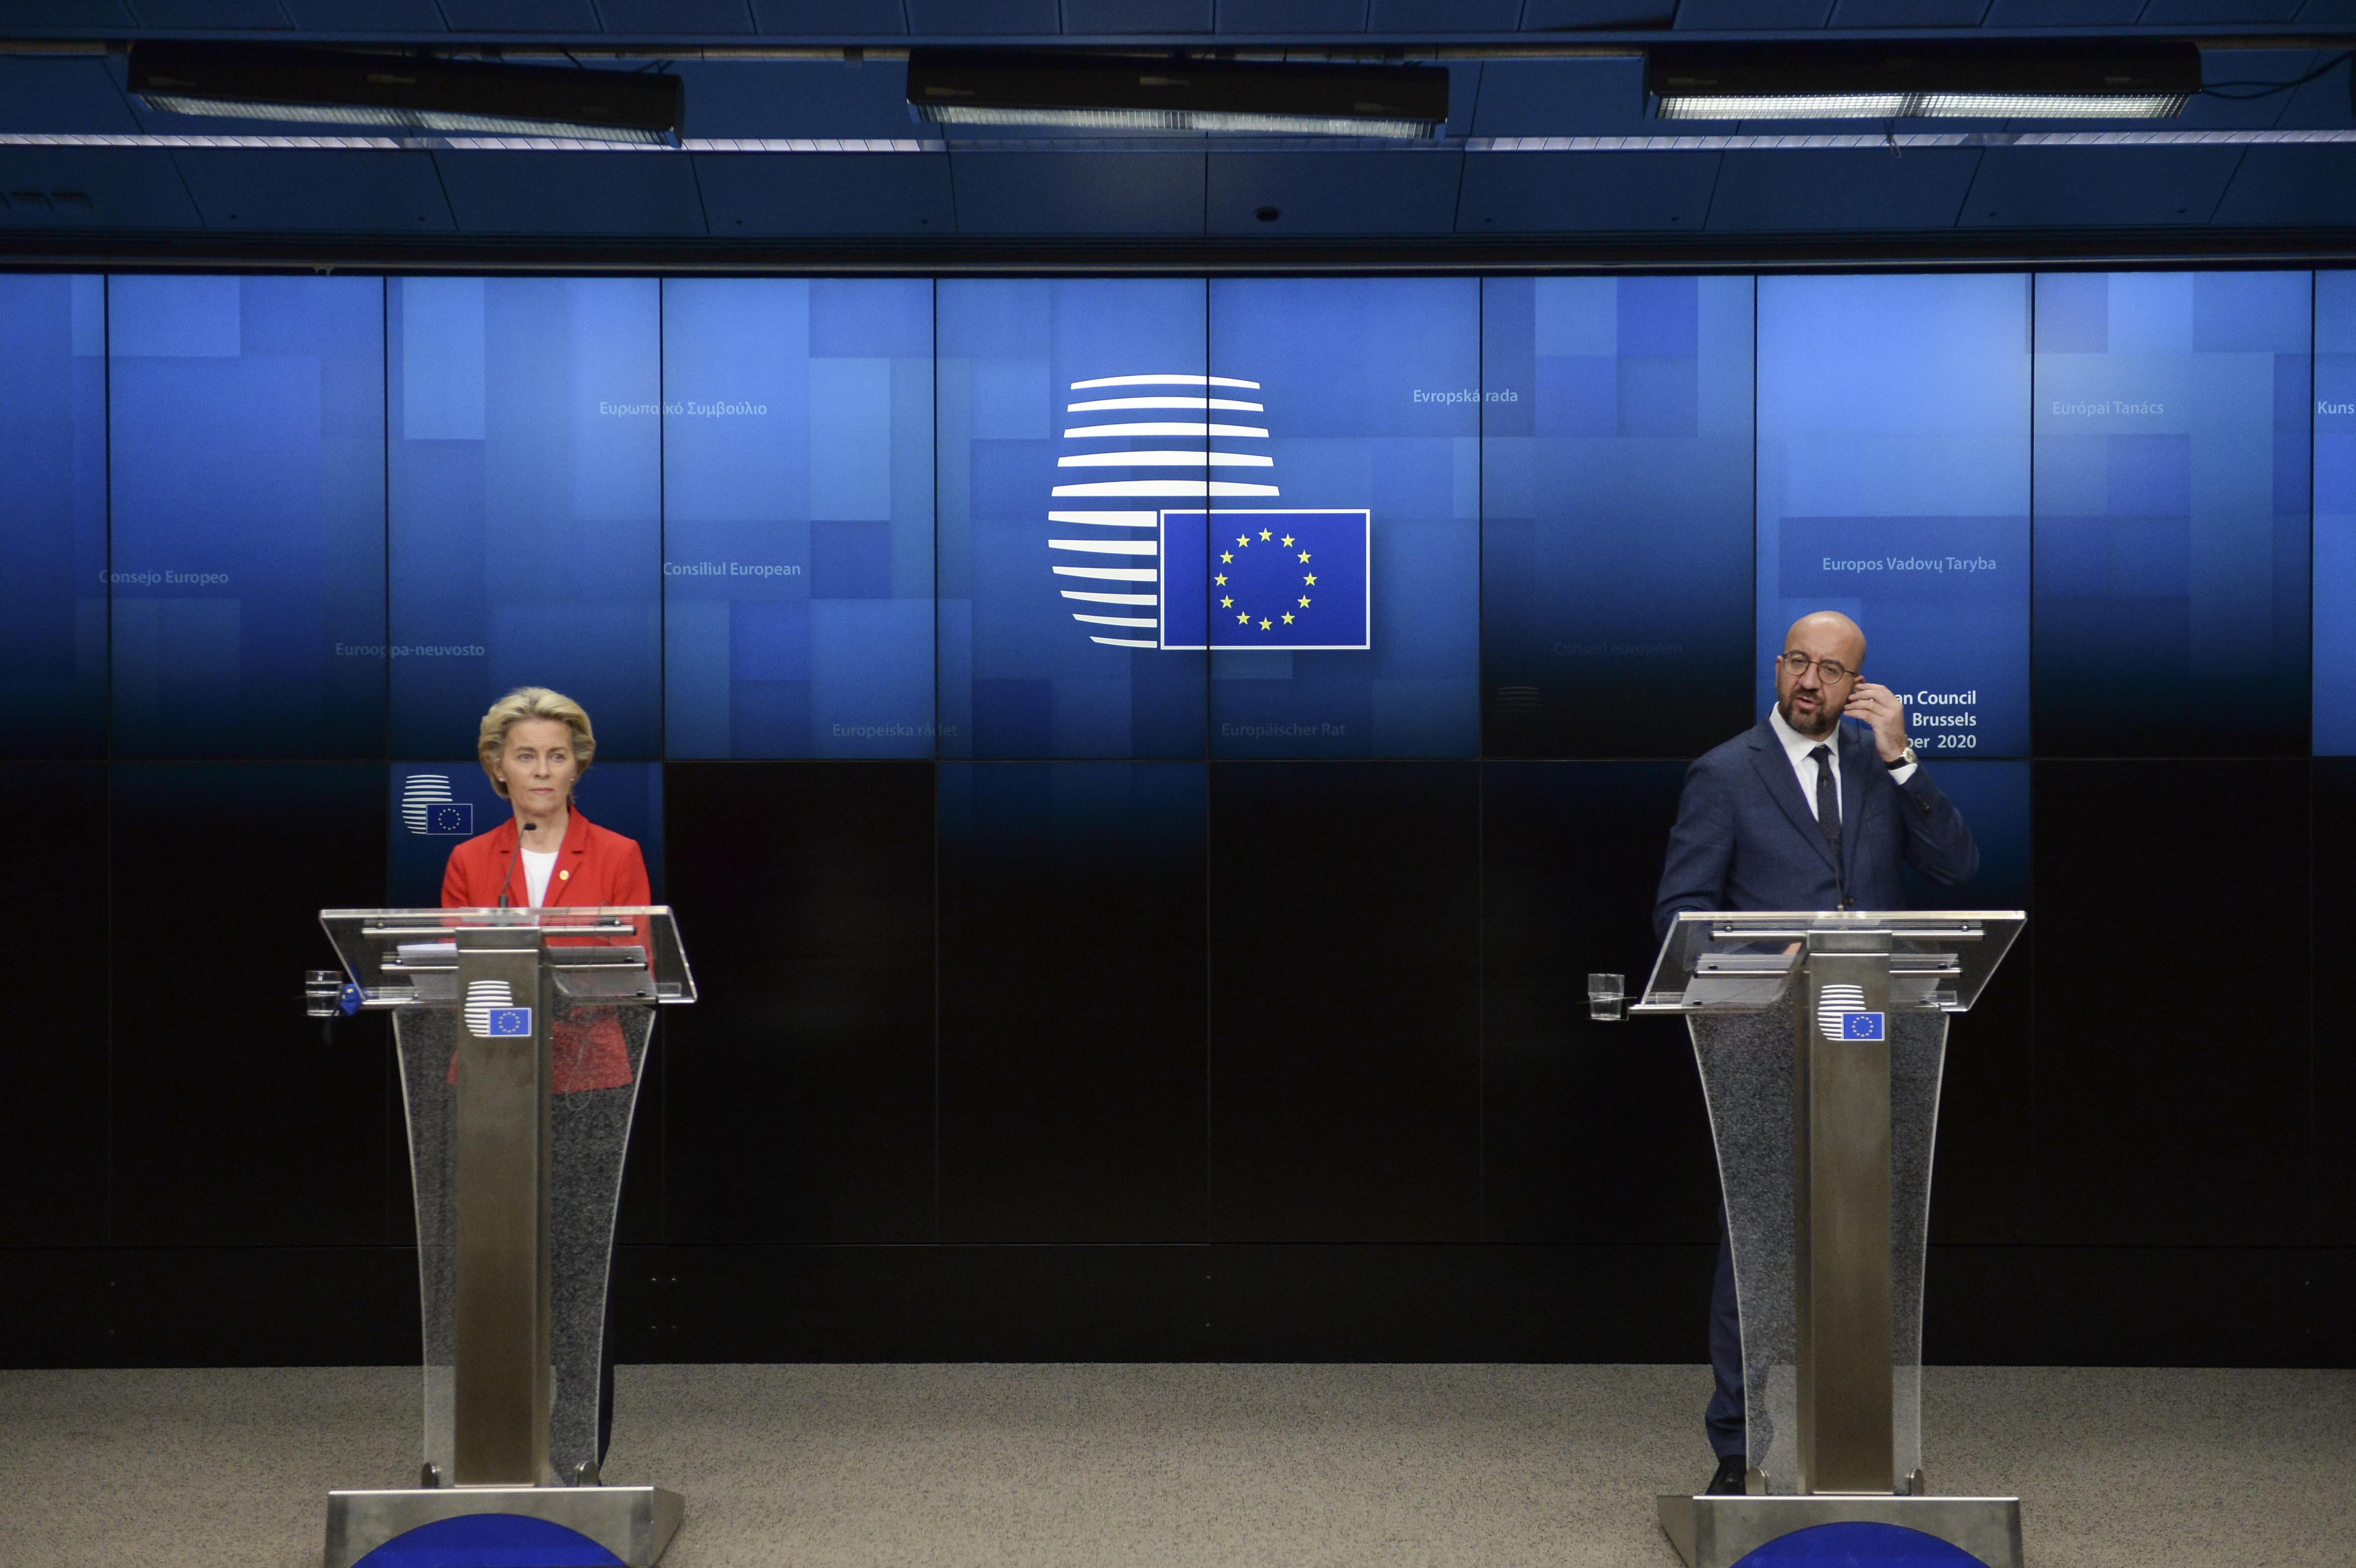 Egy hónap után az Európai Unió szankciókat vezetett be Fehéroroszországgal szemben